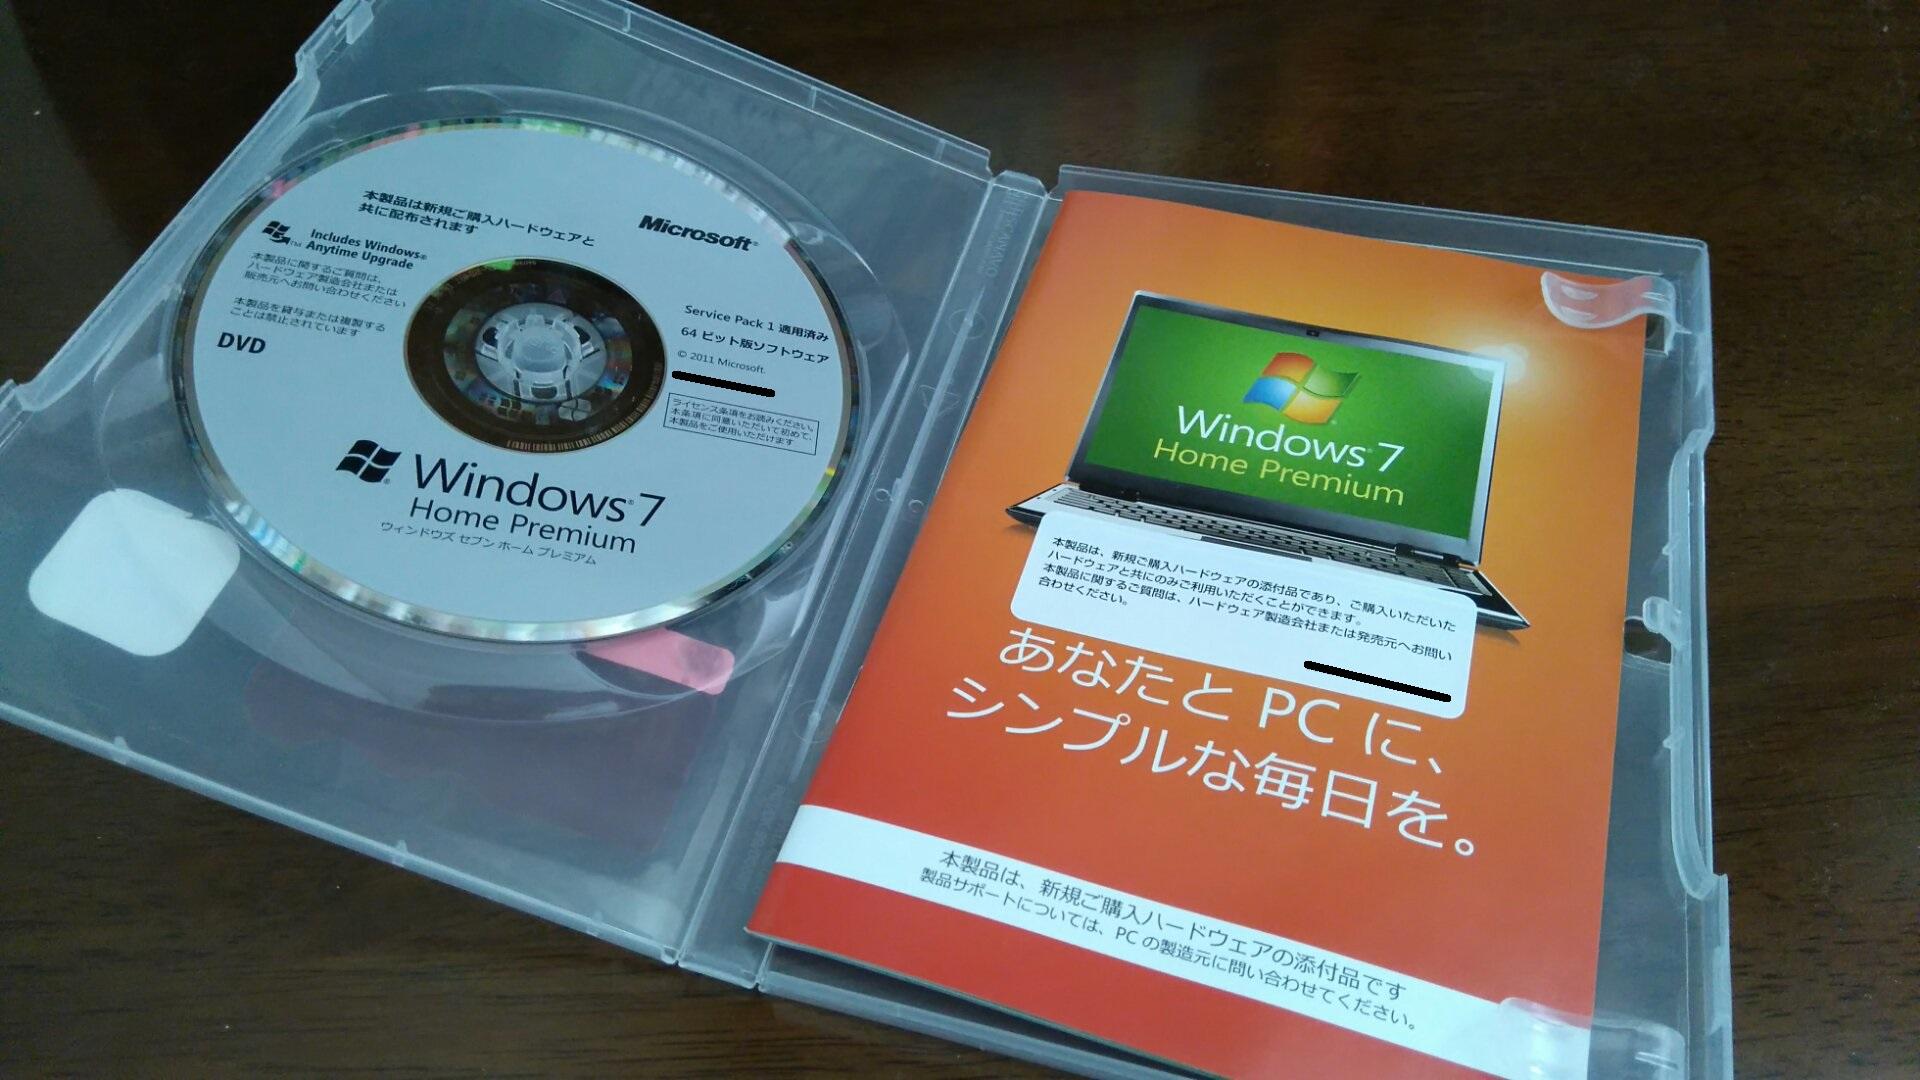 DSC_0390x.jpg